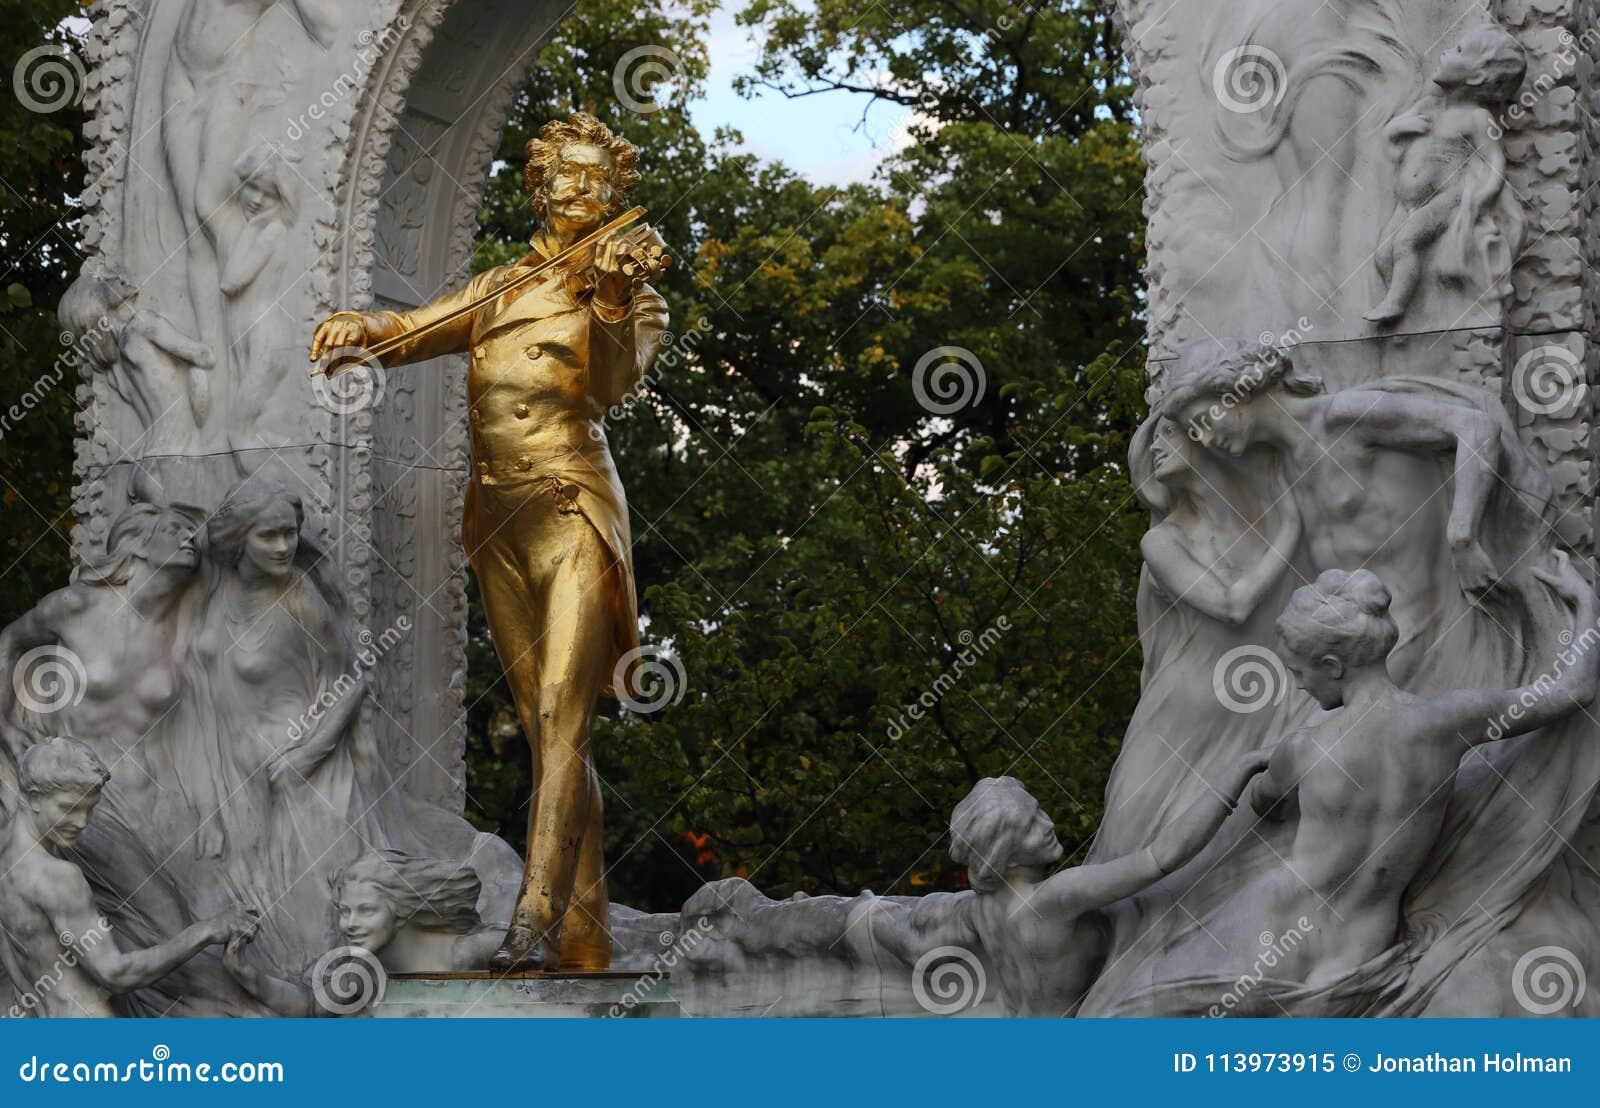 Estátua de Strauss em Viena, Áustria, Wien Música, compositor Estátua dourada